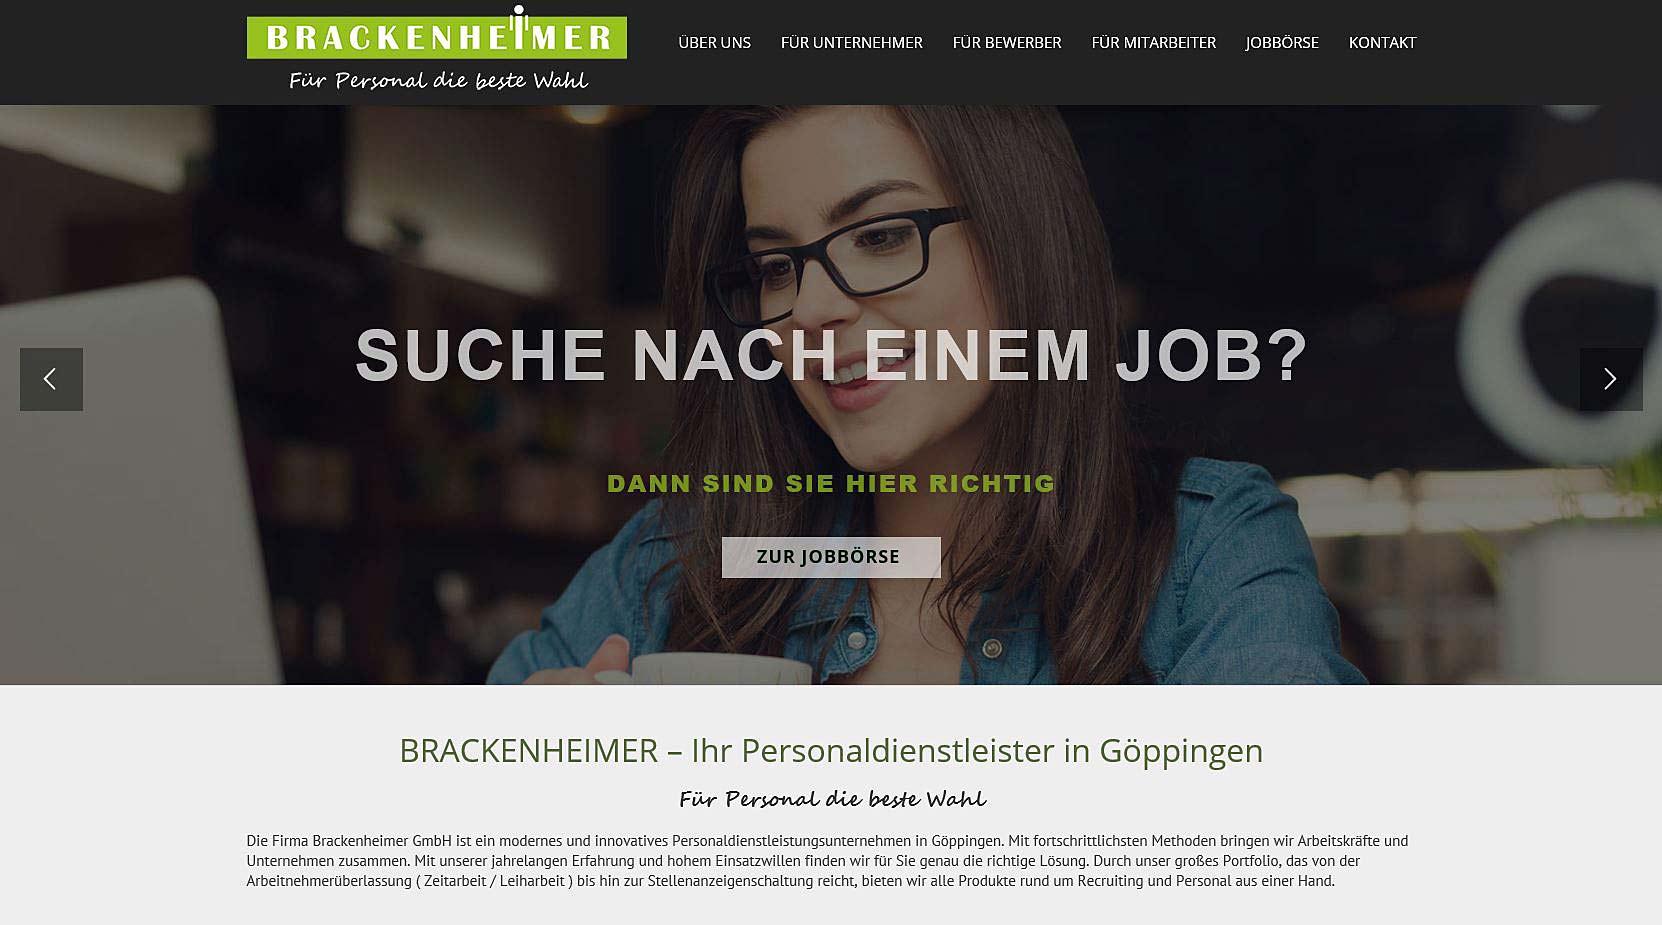 Brackenheimer